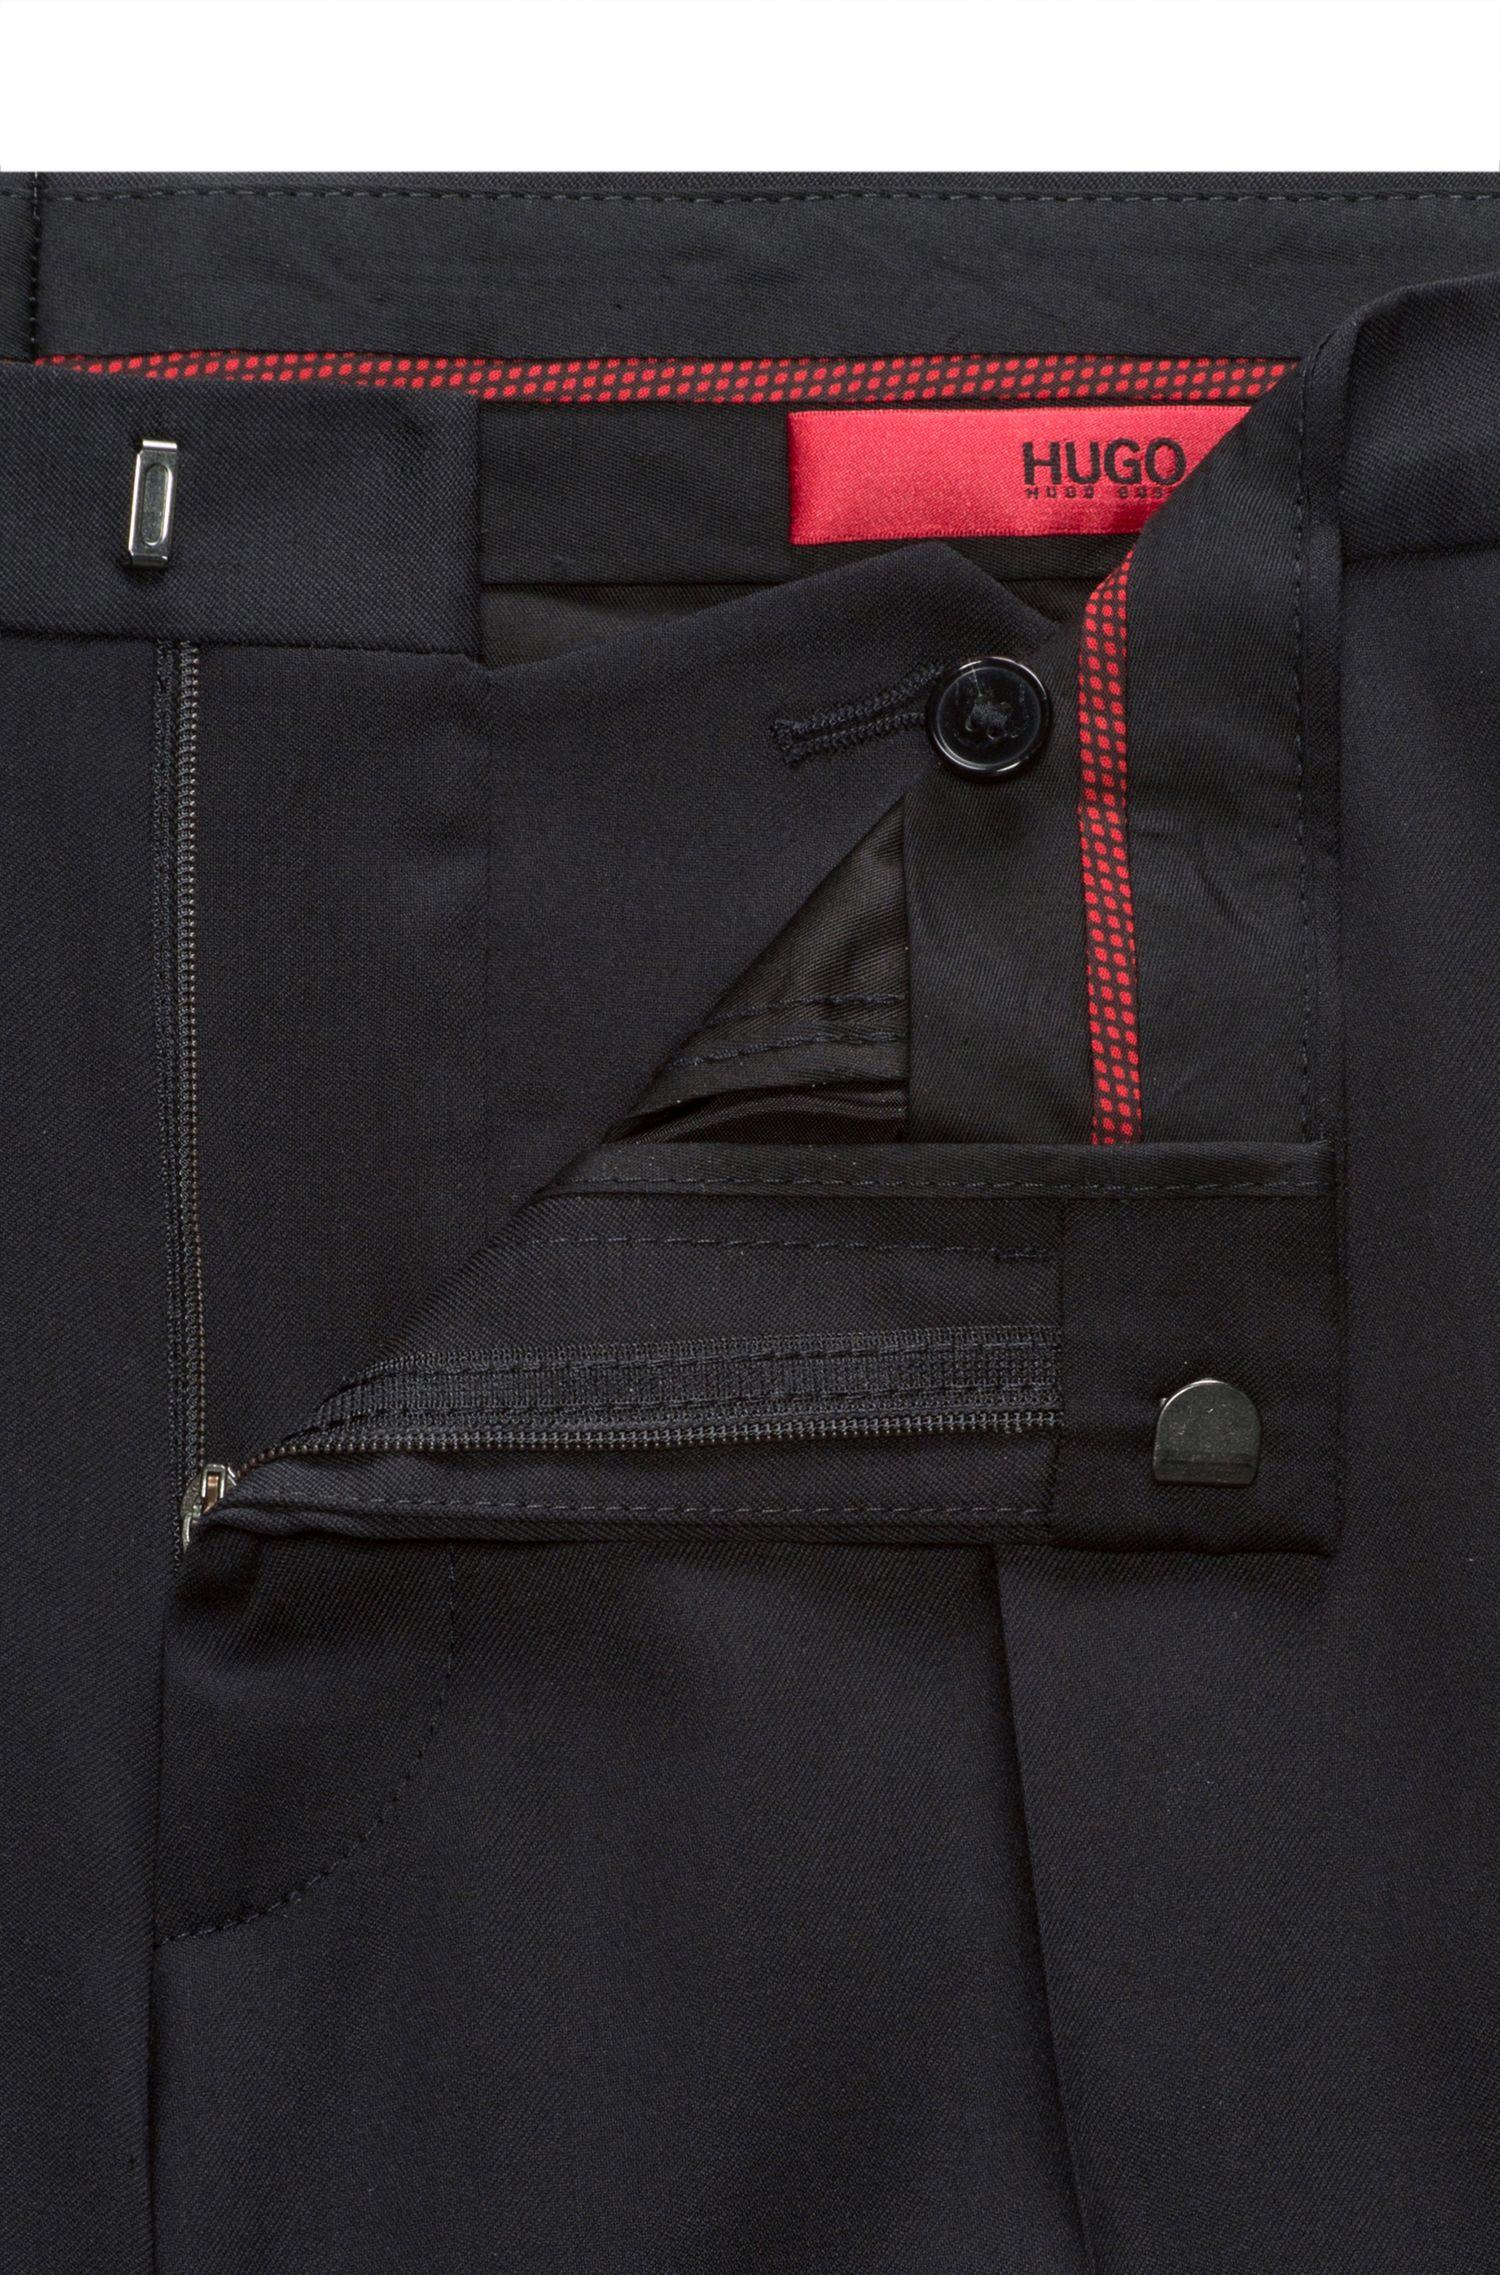 Virgin Wool Pant, Extra Slim Fit | Hemins